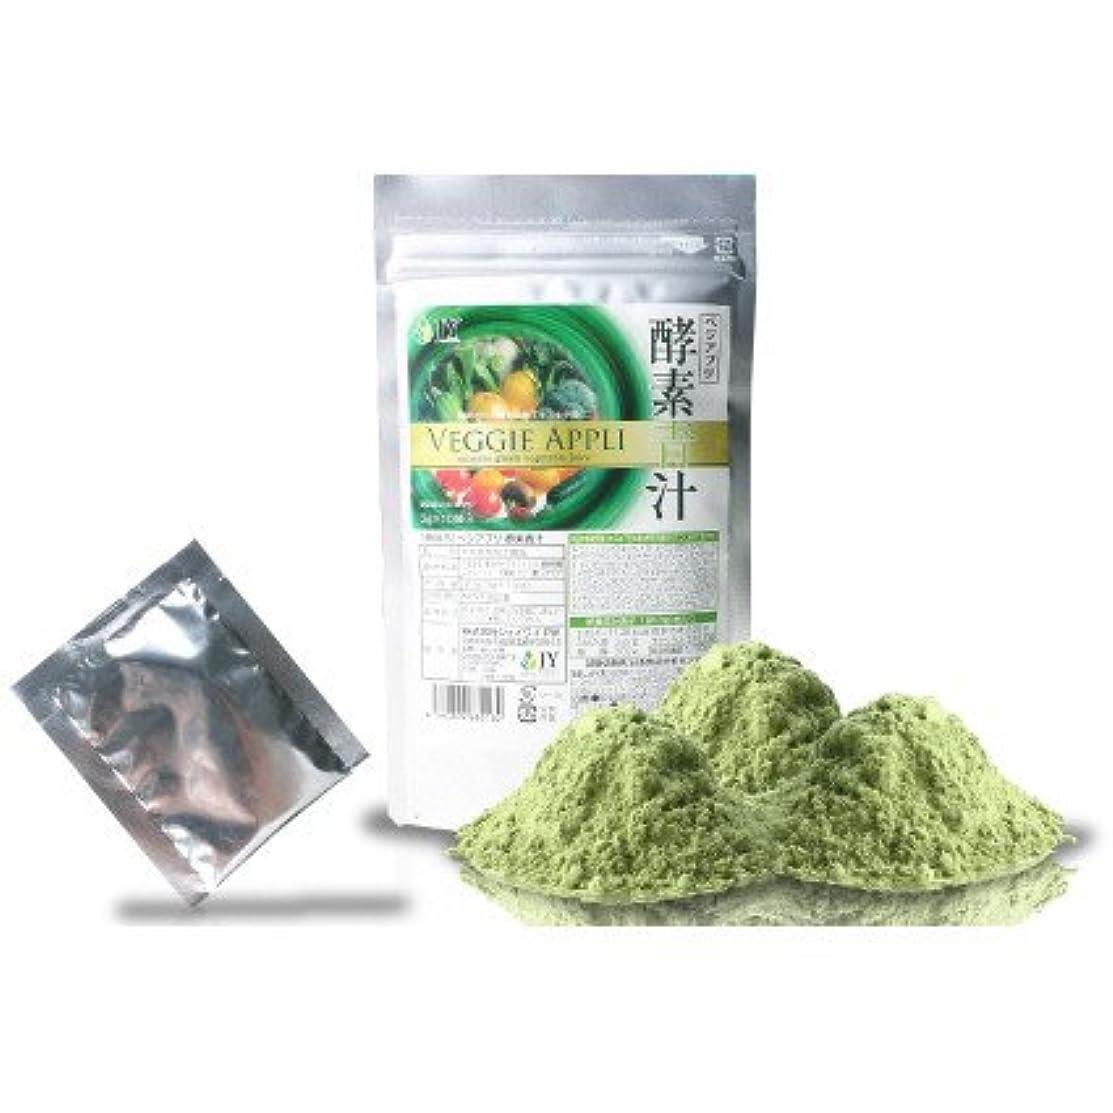 武器脱走宗教的な酵素と青汁と乳酸菌、効率よくダイエットをサポート『ベジアプリ 酵素青汁 約10日間お試しサイズ10包入り』